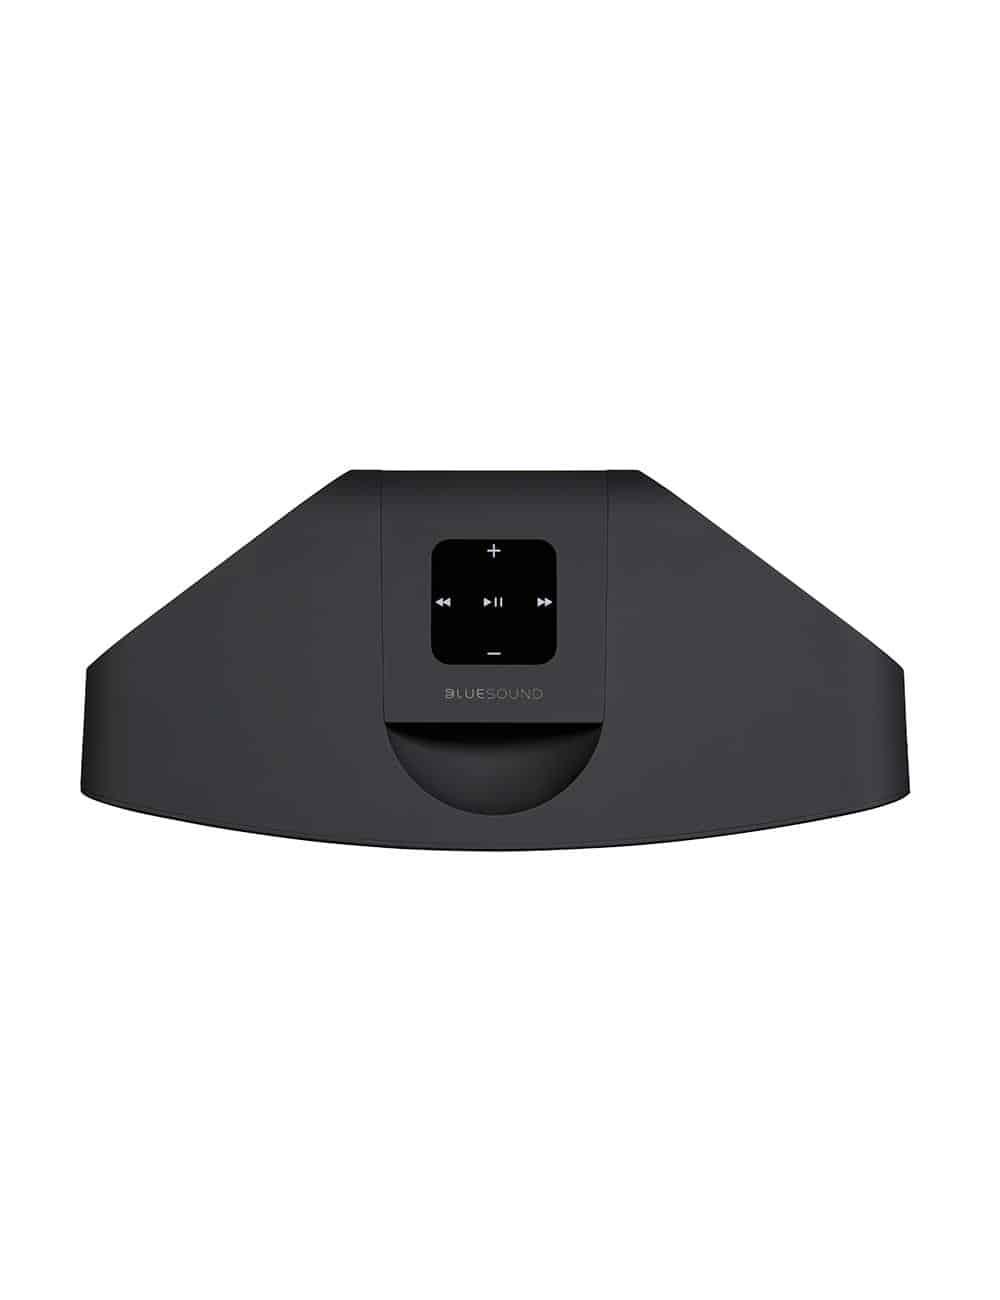 diffusore wireless streaming HiFi, Bluesound Pulse Mini 2i, vista superiore, finitura nero